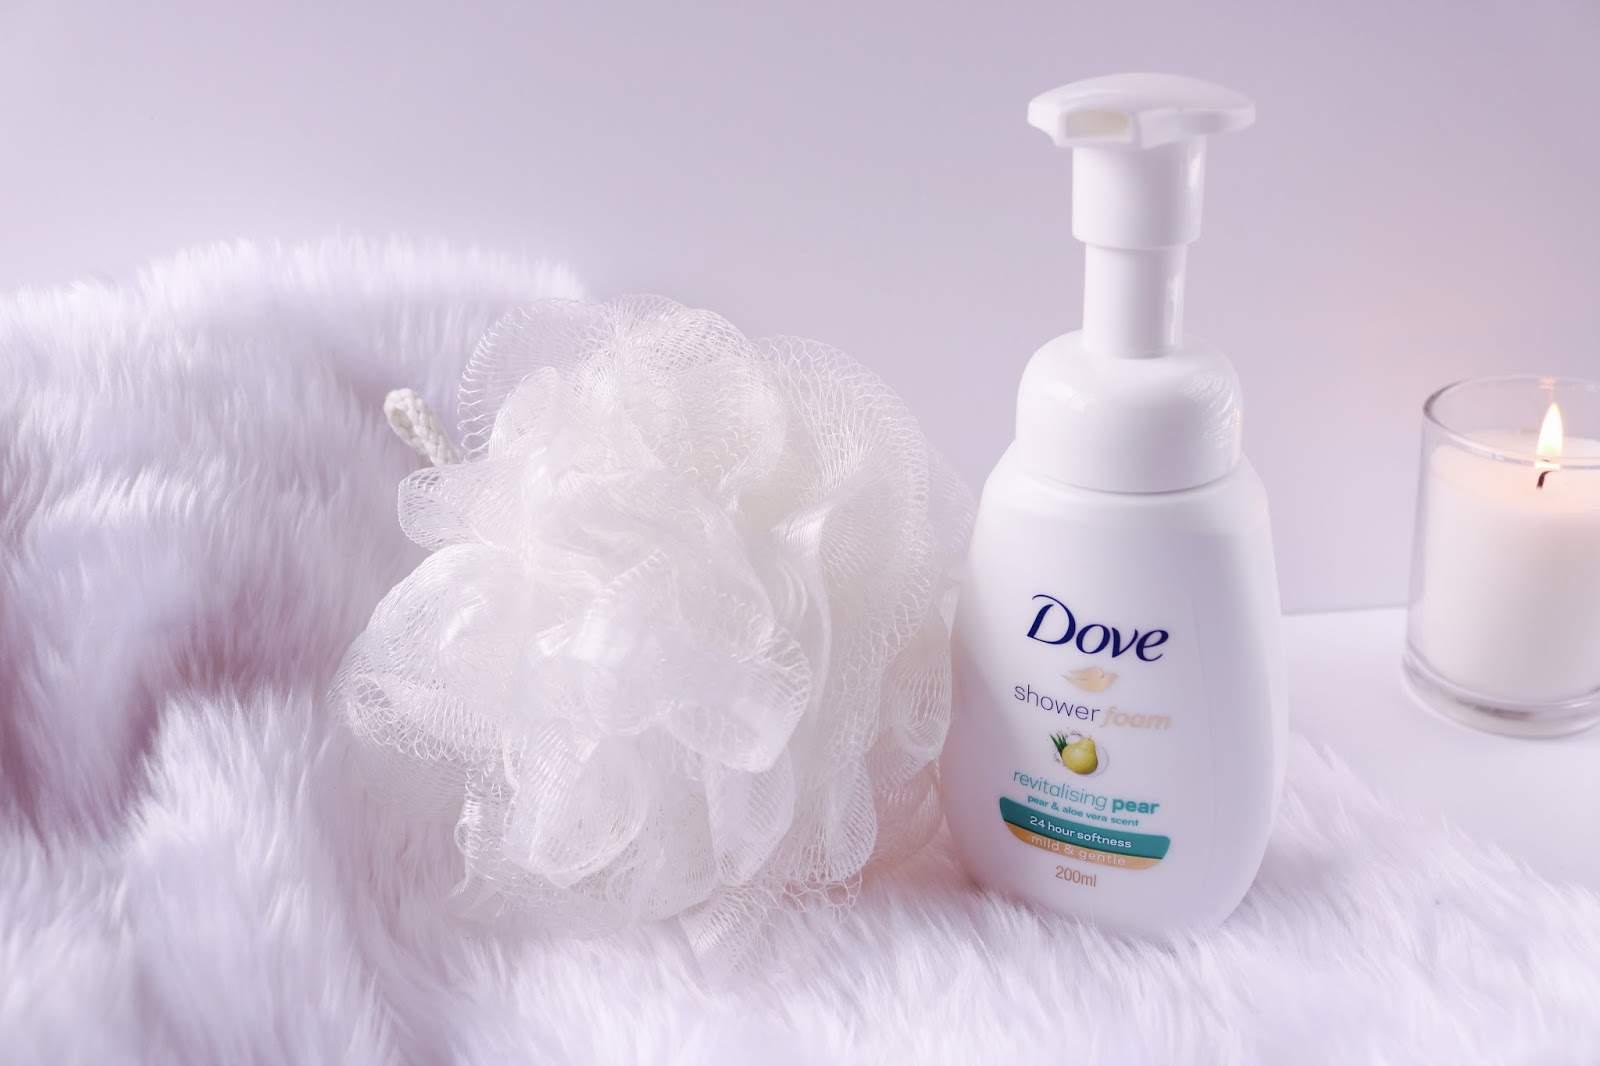 Dove Bar Soap Printable Coupon - Printable Coupons And Deals - Free Dove Soap Coupons Printable